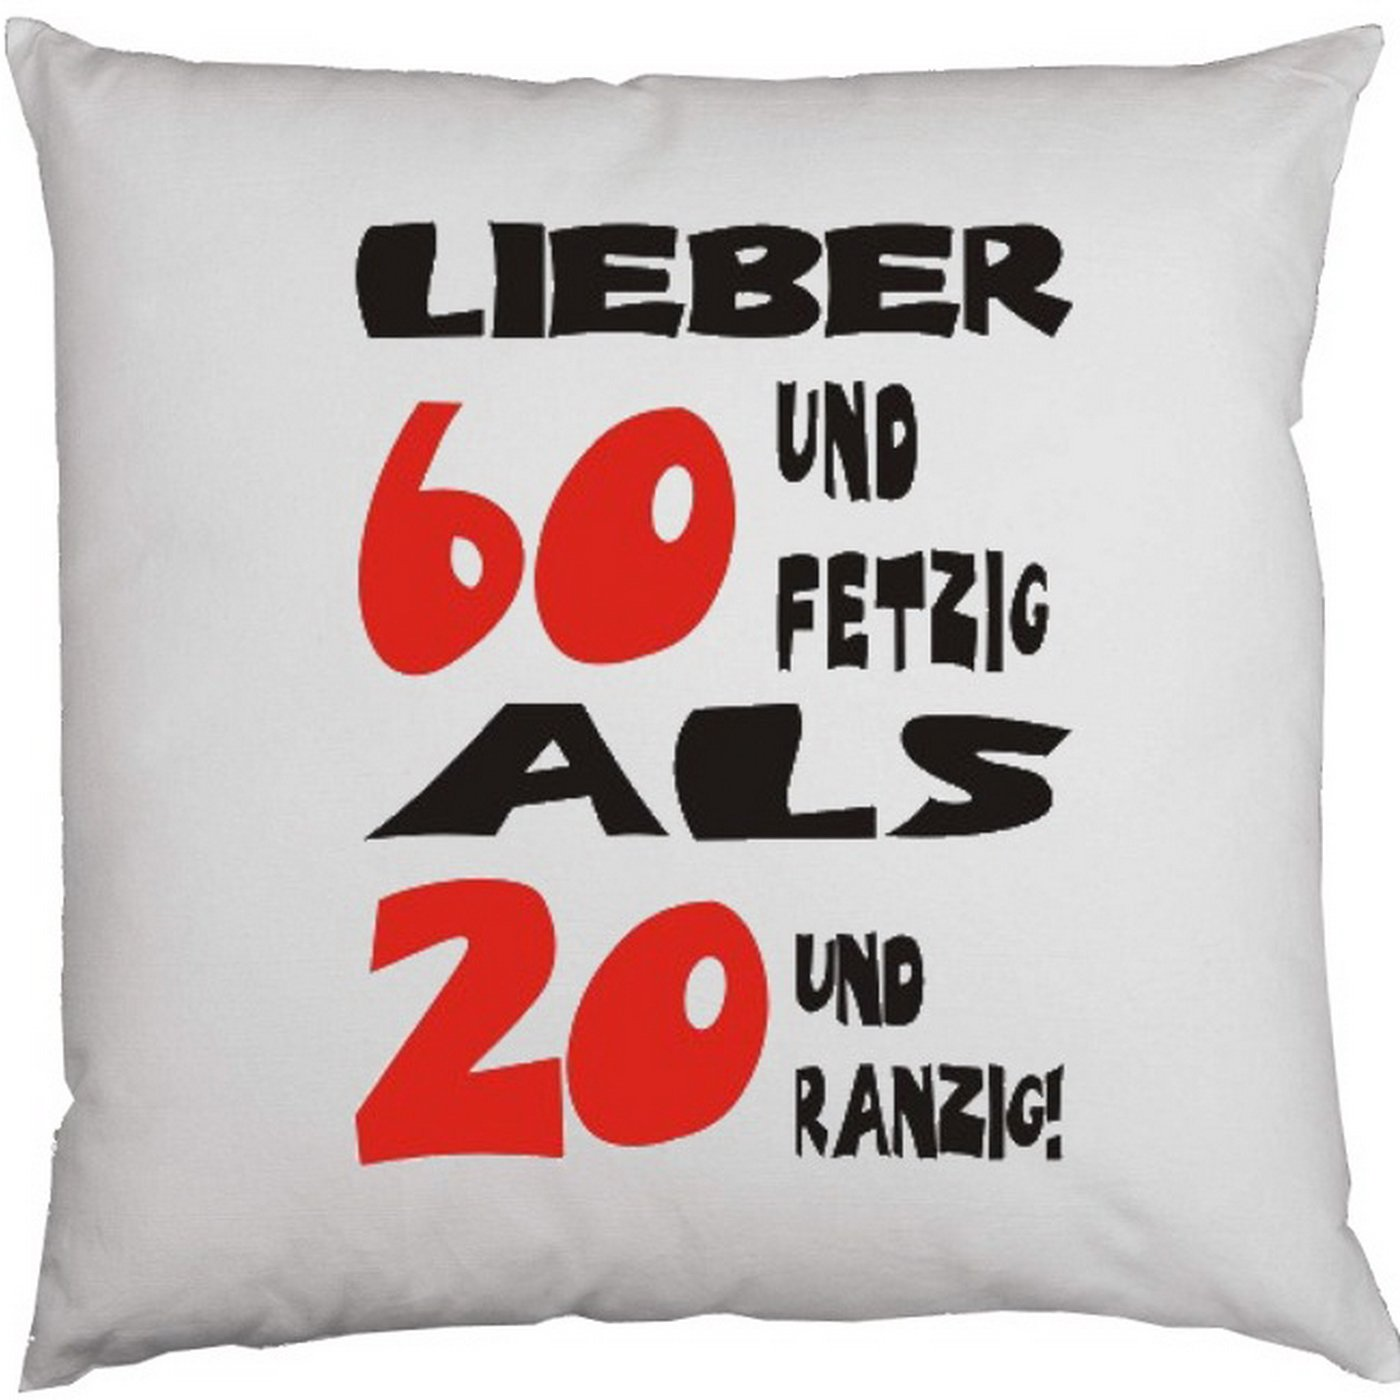 Kissen mit Innenkissen - zum 60. Geburtstag - Lieber 60 und fetzig als 20 und ranzig! - mit 40 x 40 cm - in weiß : )